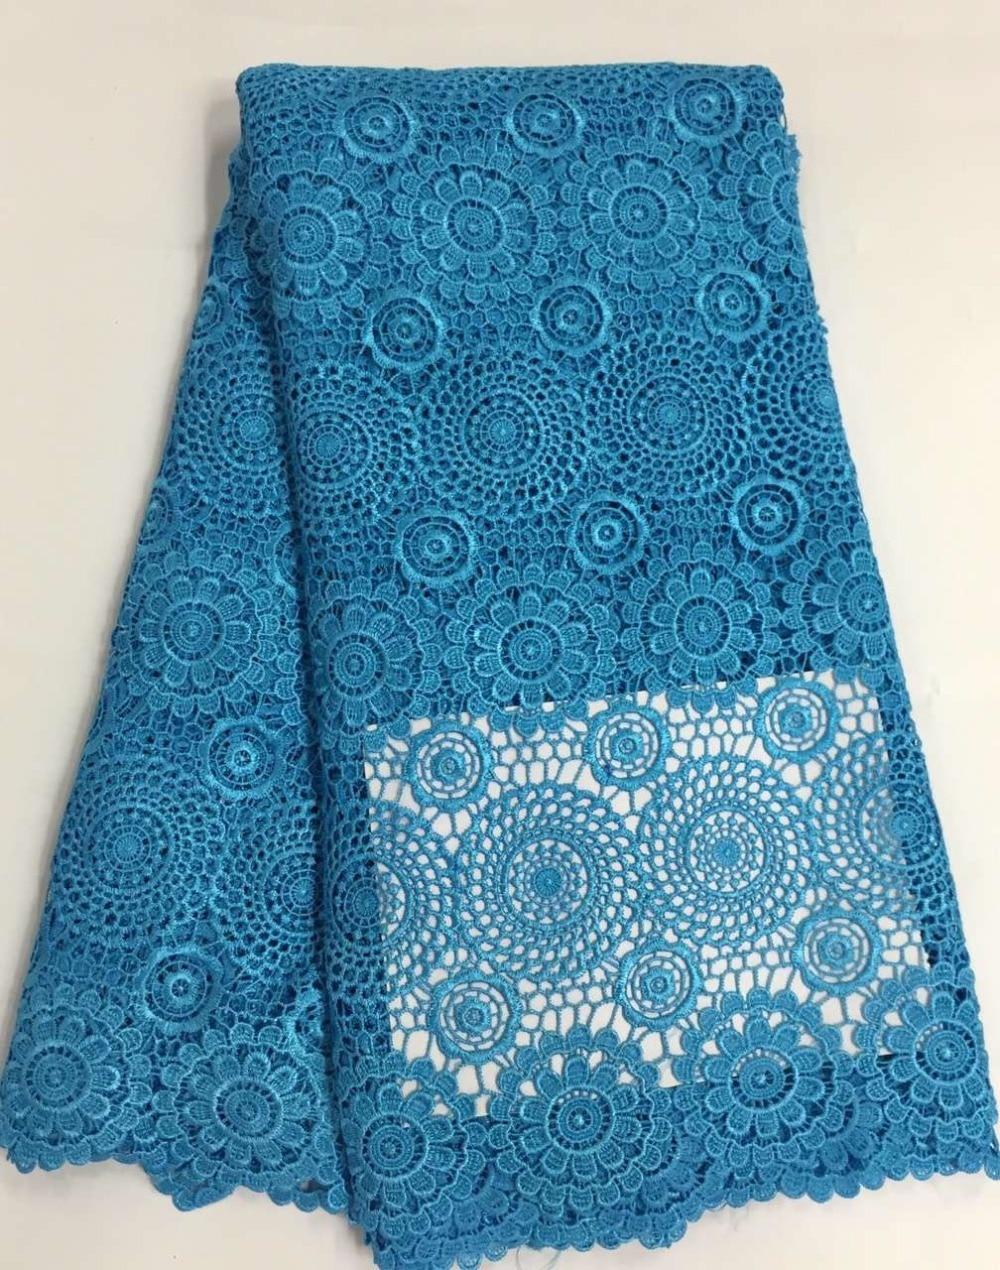 CW2023 Cordón de cordón de guipur nigeriano de poliéster africano - Artes, artesanía y costura - foto 3